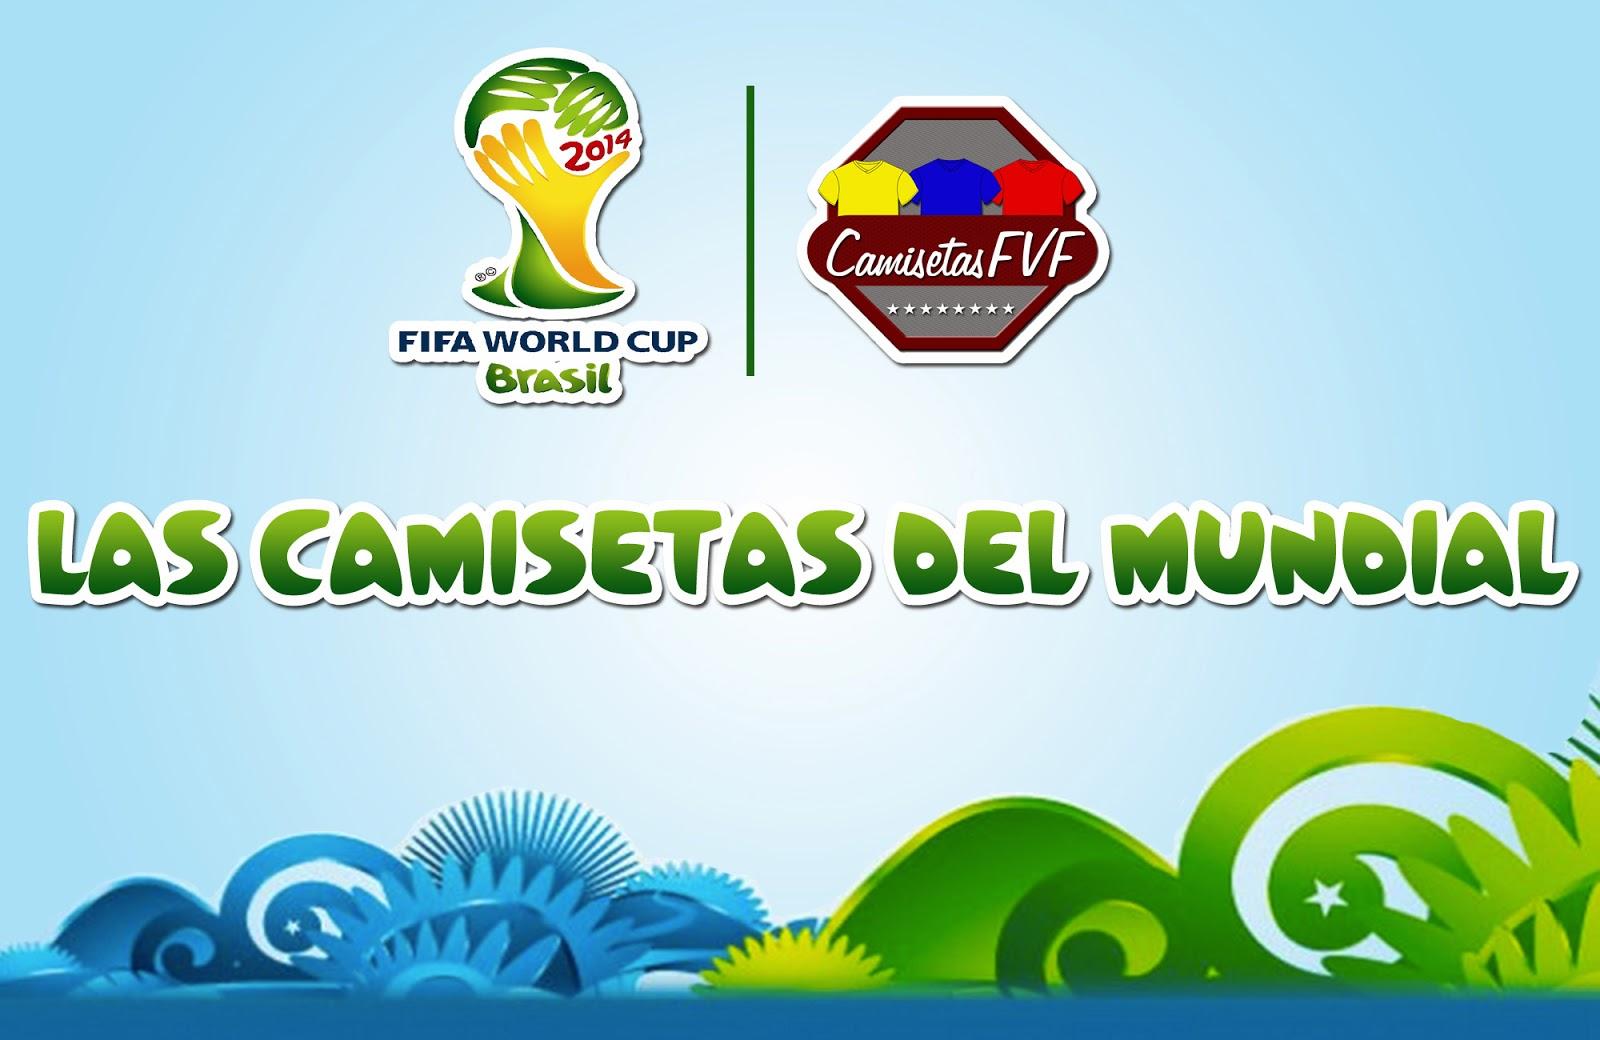 ... las 32 selecciones participantes se preparan para este gran evento y  con ello también las marcas deportivas puesto que para el mundial ... 198f8d605a9f7